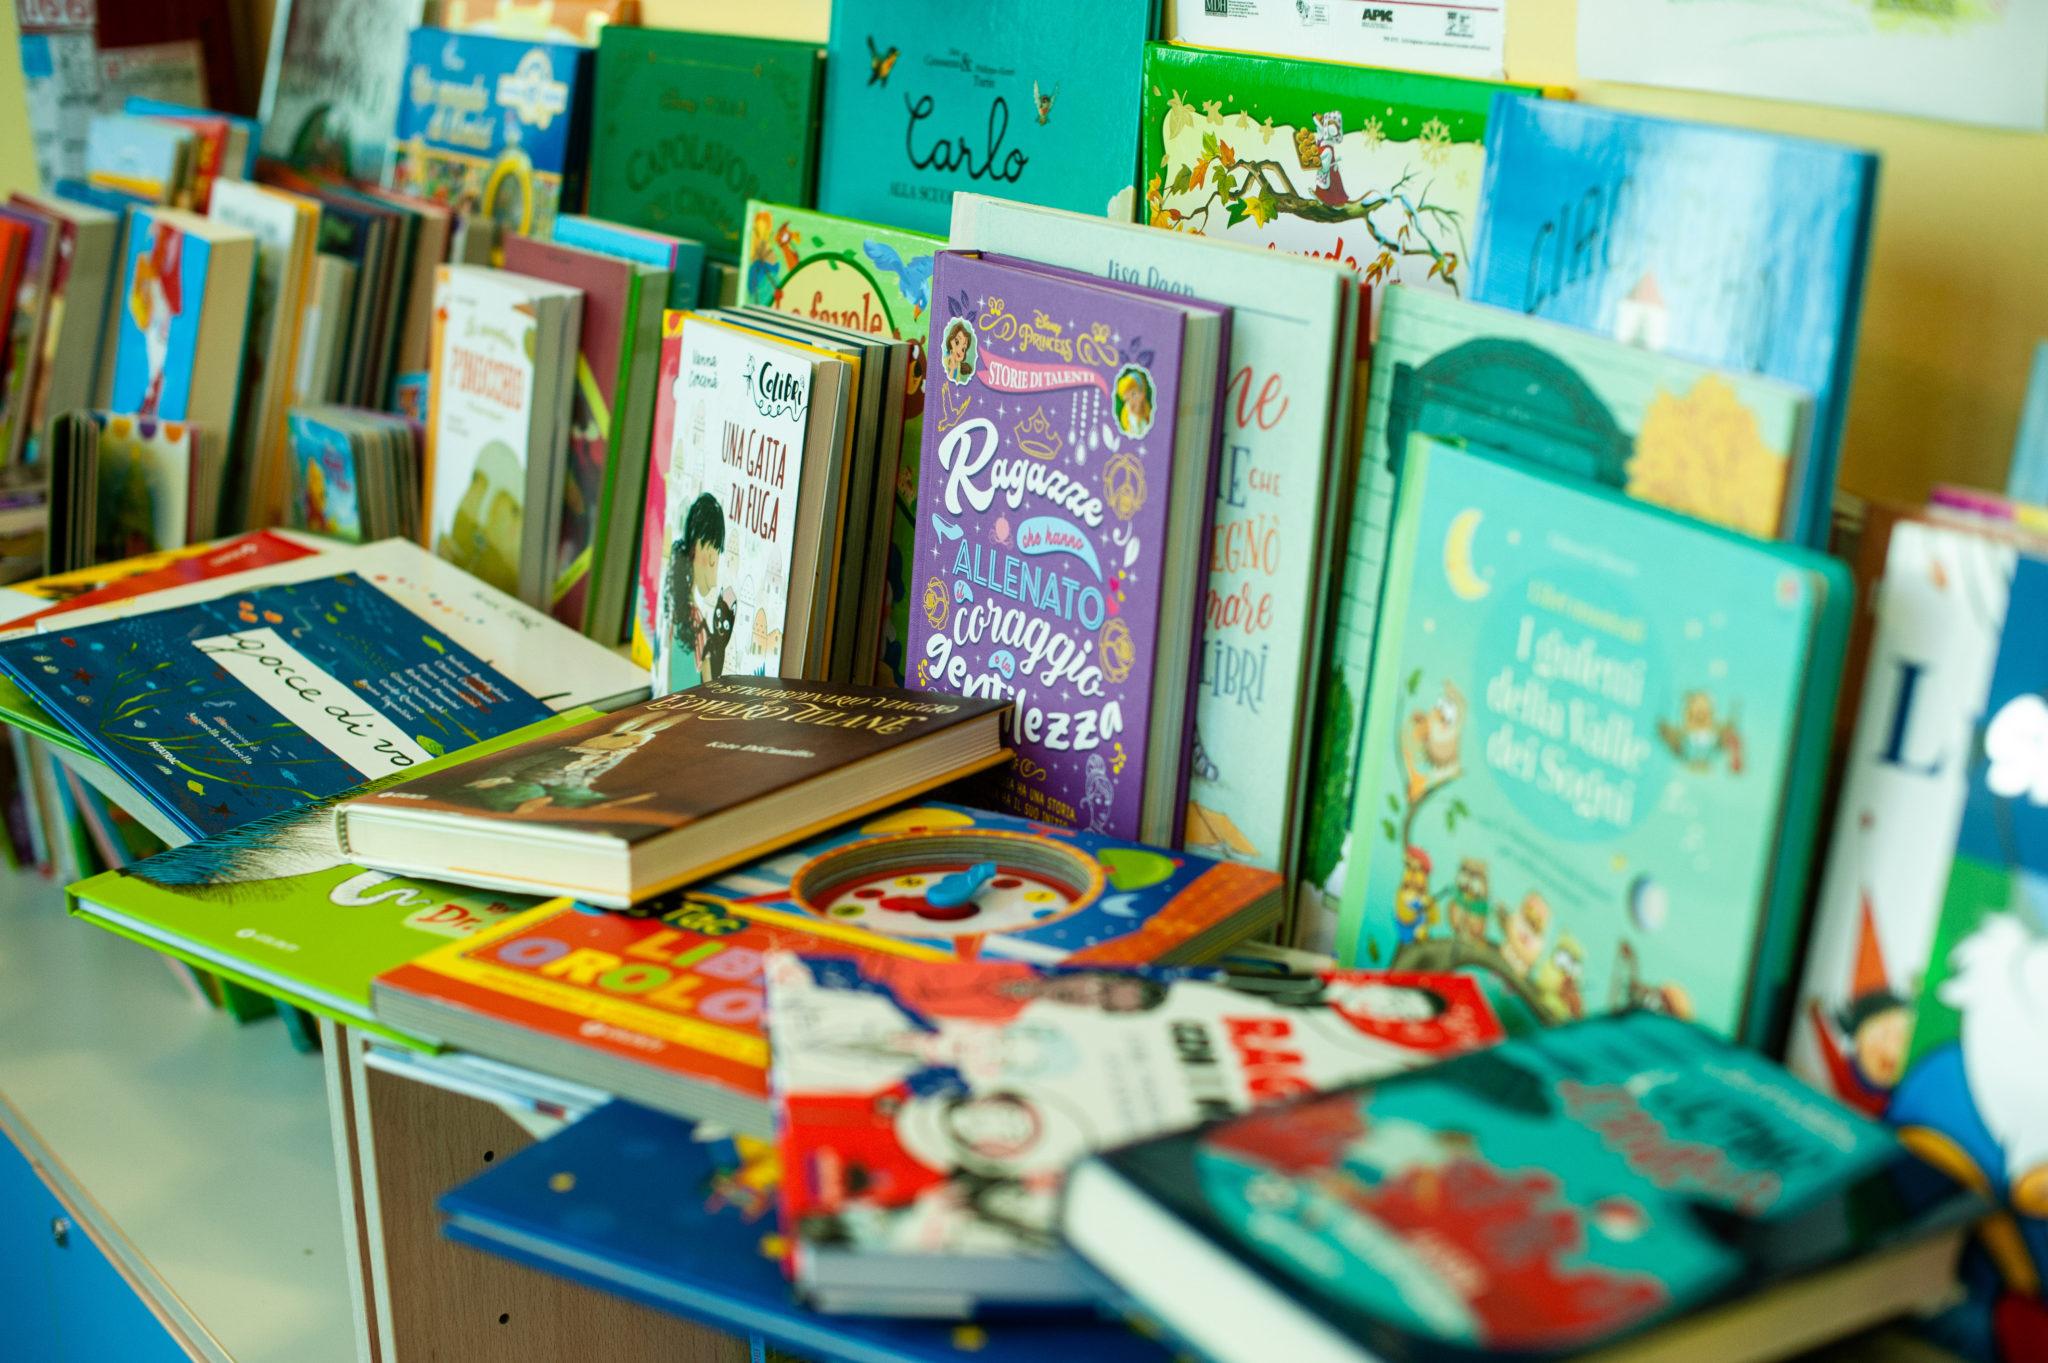 """Libreria donata al reparto pediatrico dell'ospedale San Jacopo di Pistoia nell'ambito dell'iniziativa Giunti """"Aiutaci a crescere, regalaci un libro!"""""""